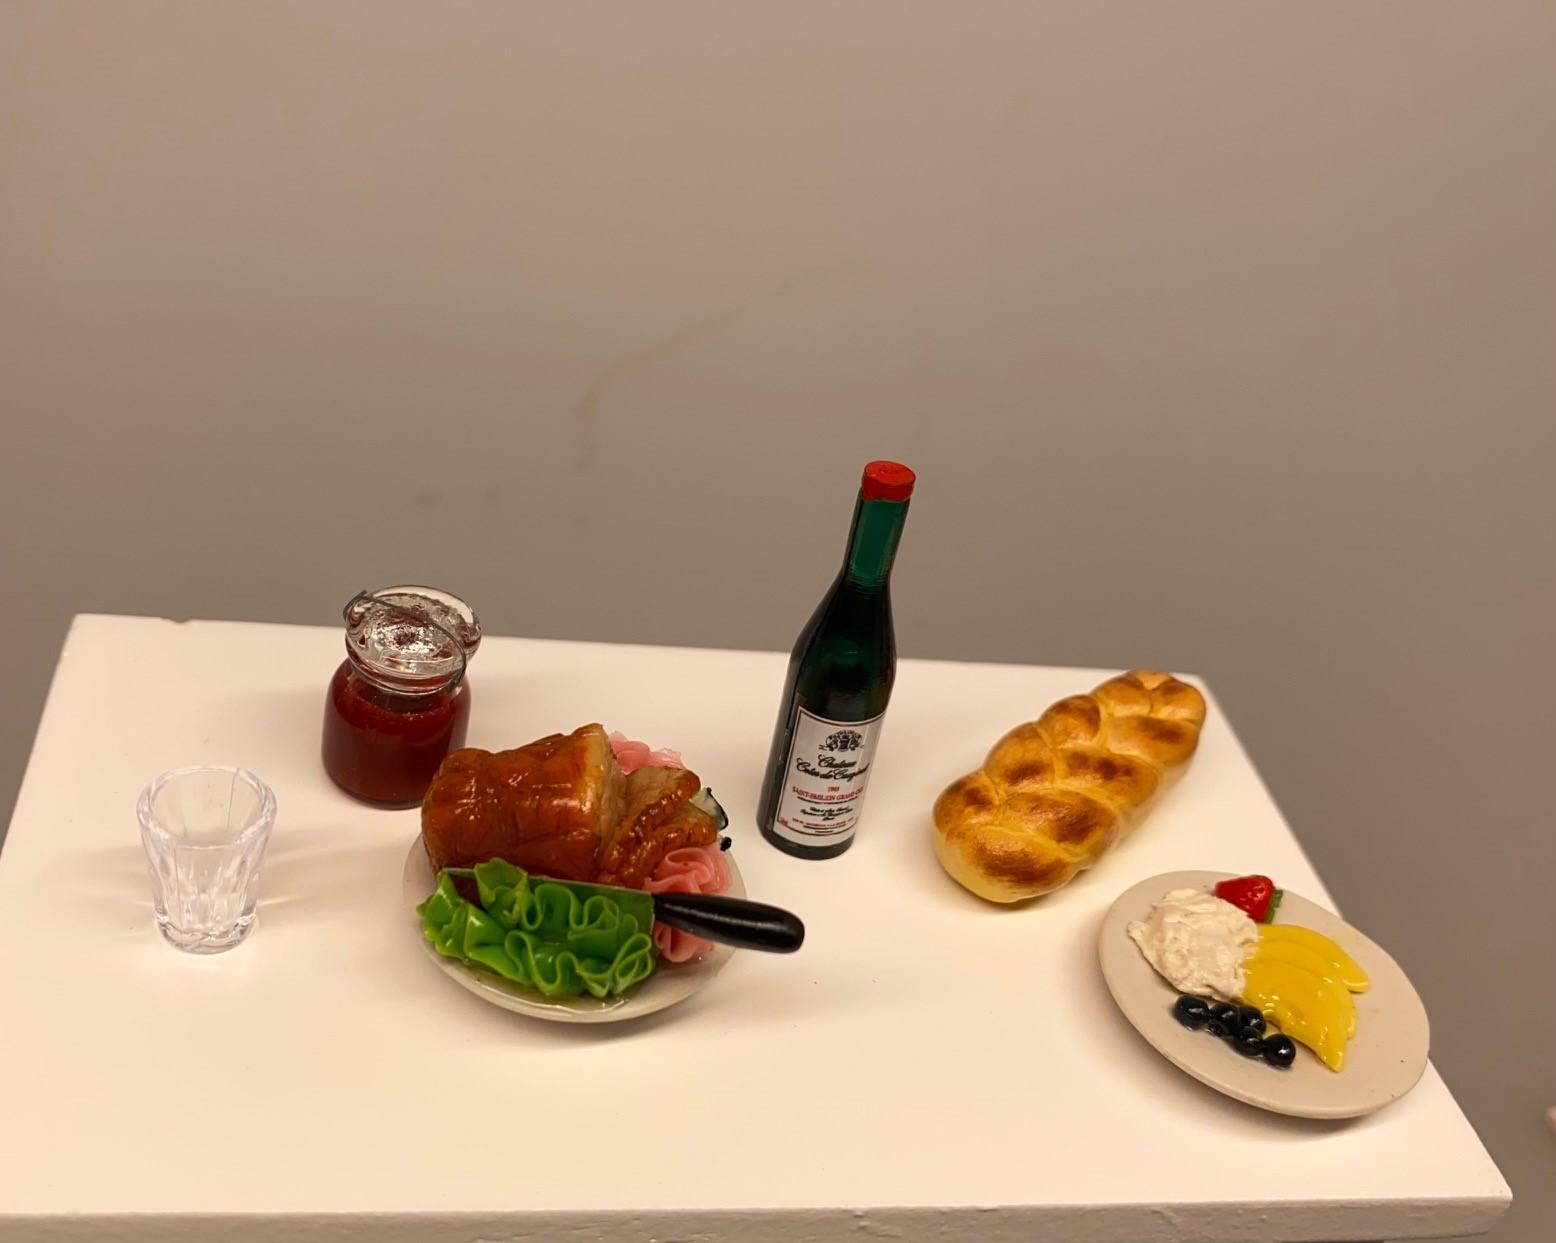 Miniature Fletbrød, brød, bagværk, franskbrød, bagekursus, bager, bageri, bagerbutik, konditori, gave, symbolsk, dukkehus, ting, tilbehør, nisser, nissebo, nissedør, nisserne, biti, ribe, sættekasse, sætterkasse, 1:12,Miniature Fad med Flæskesteg, skinke, skinkesteg, steg, middagsmad, middagsret, julemad, julemiddag, nissebo, nisser, nisse, tilbehør, ting, dukkehus, dukkehustilbehør, sangskjuler, symbolsk, gave, gavekort, mad, dukkemad, biti, ribe,